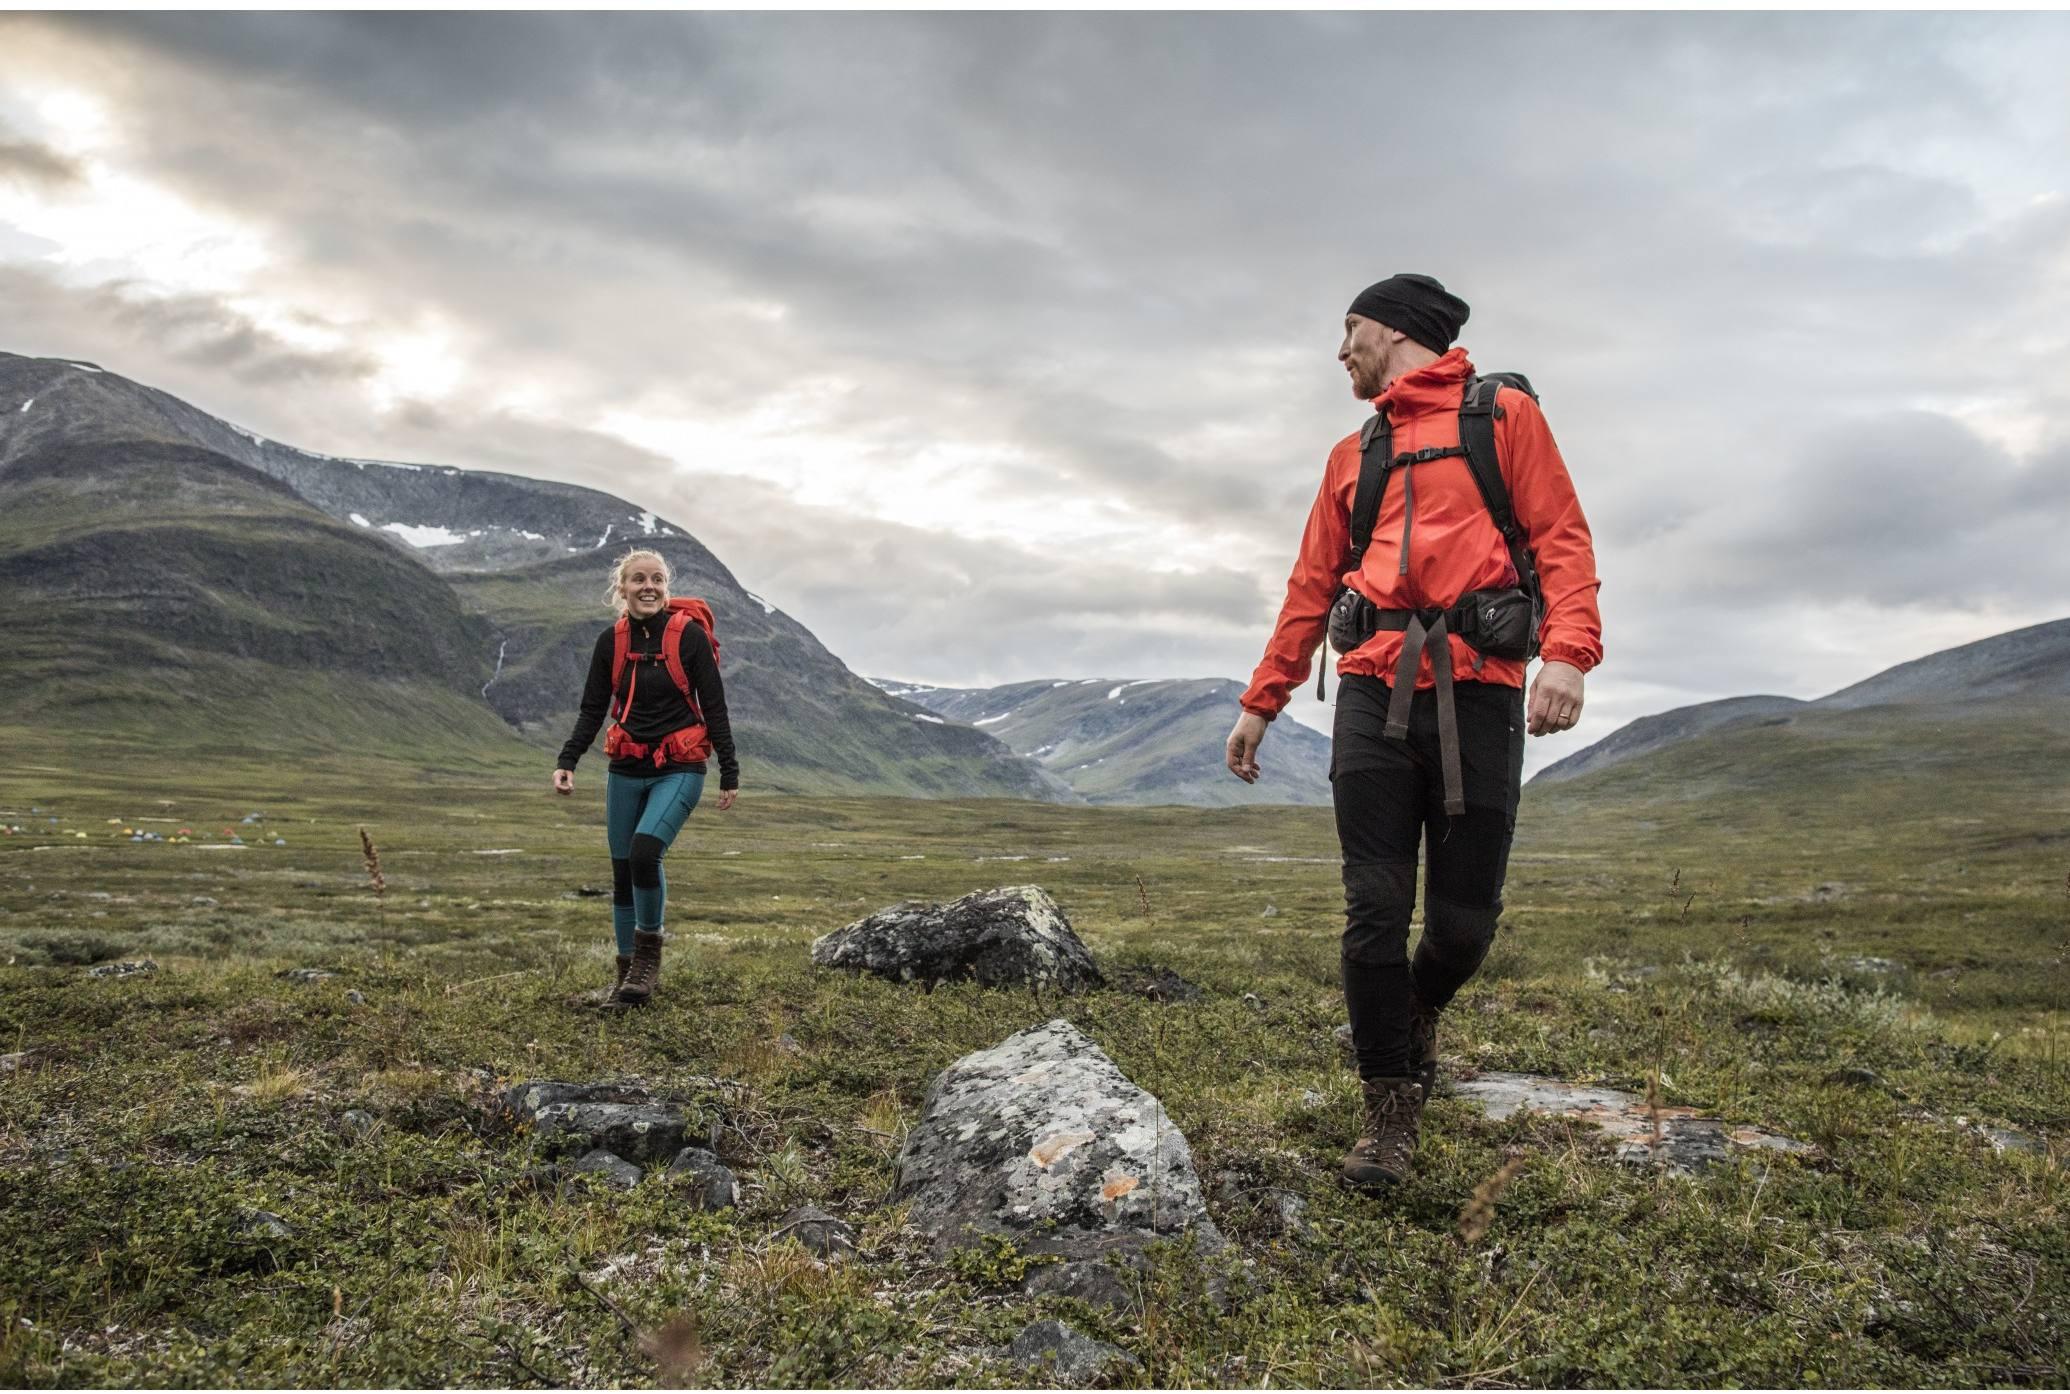 c41b88e5daa56 Fjällräven Abisko Trekking Tights Men'S. Full image Full image Full image  Full image Full image Full image Full image